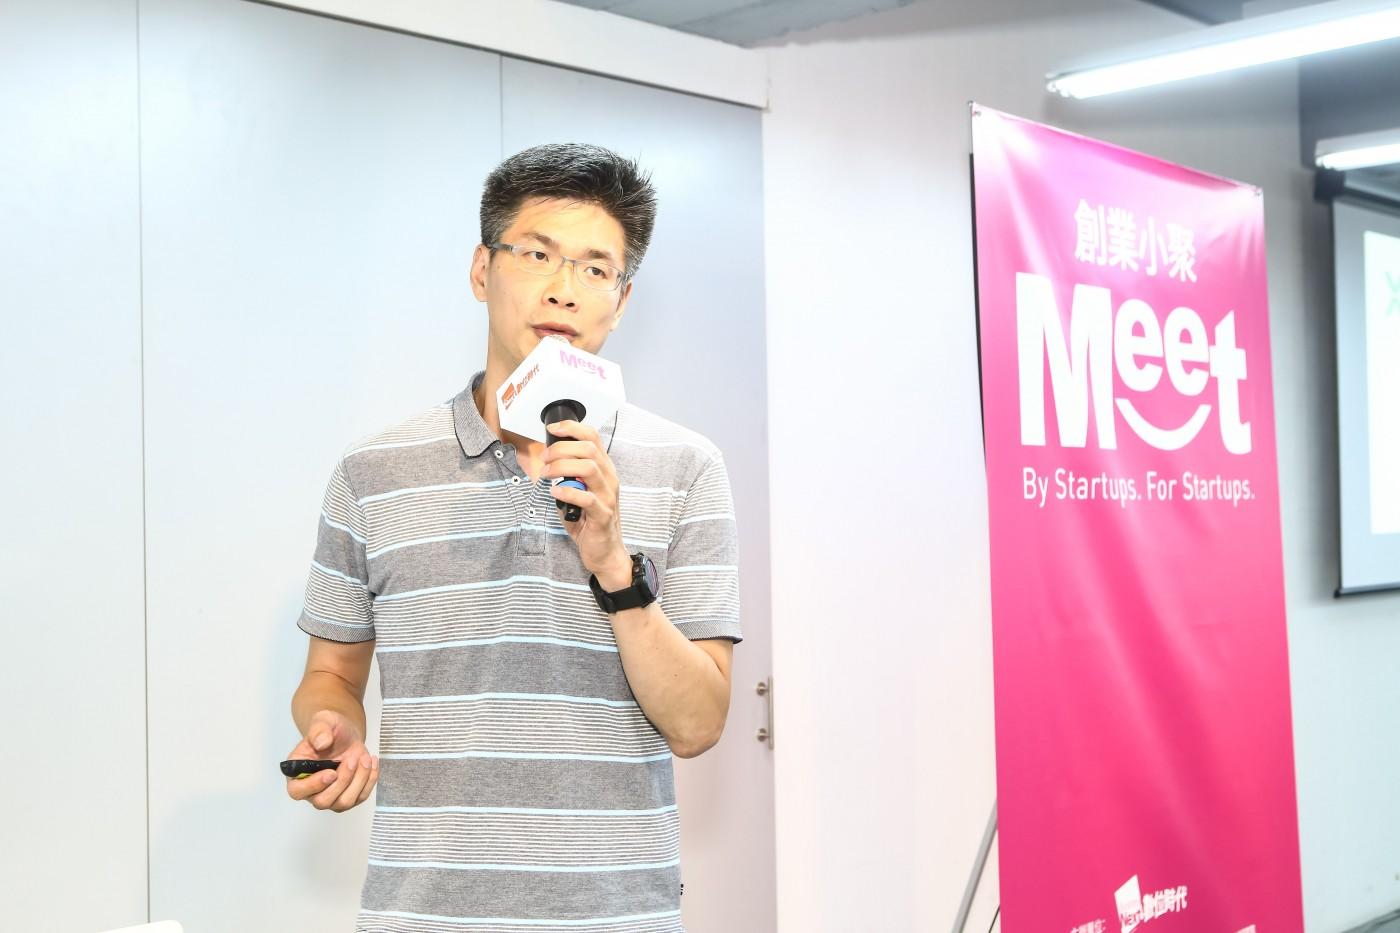 趨勢、人才、資源,詹益鑑談台灣生醫新創崛起的機會與挑戰